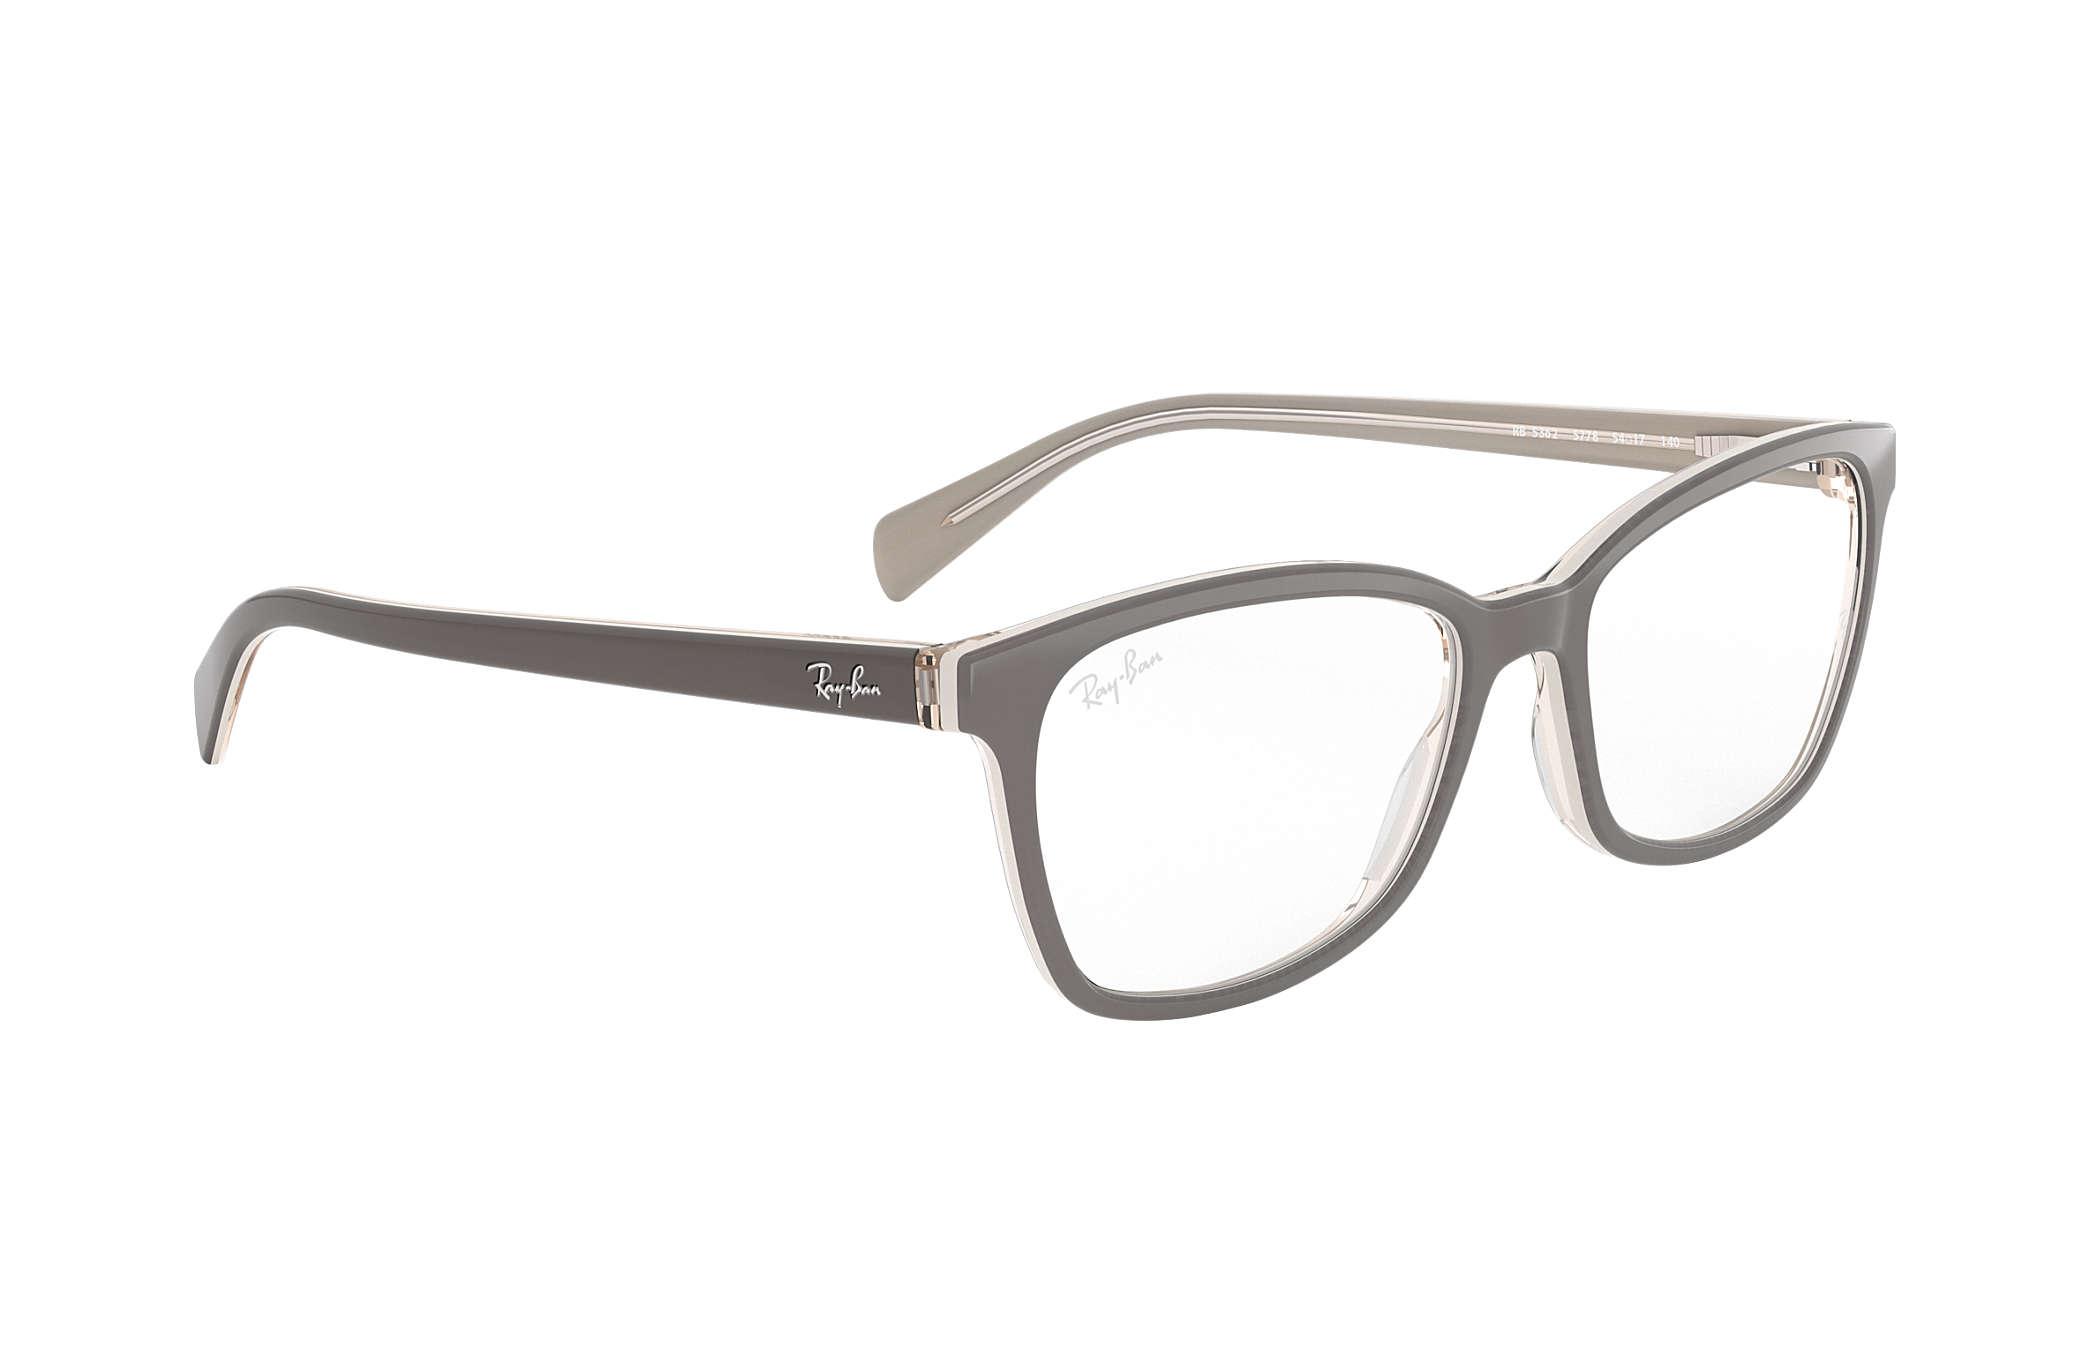 cb0941ec70 Ray-Ban prescription glasses RB5362 Grey - Acetate - 0RX5362577854 ...